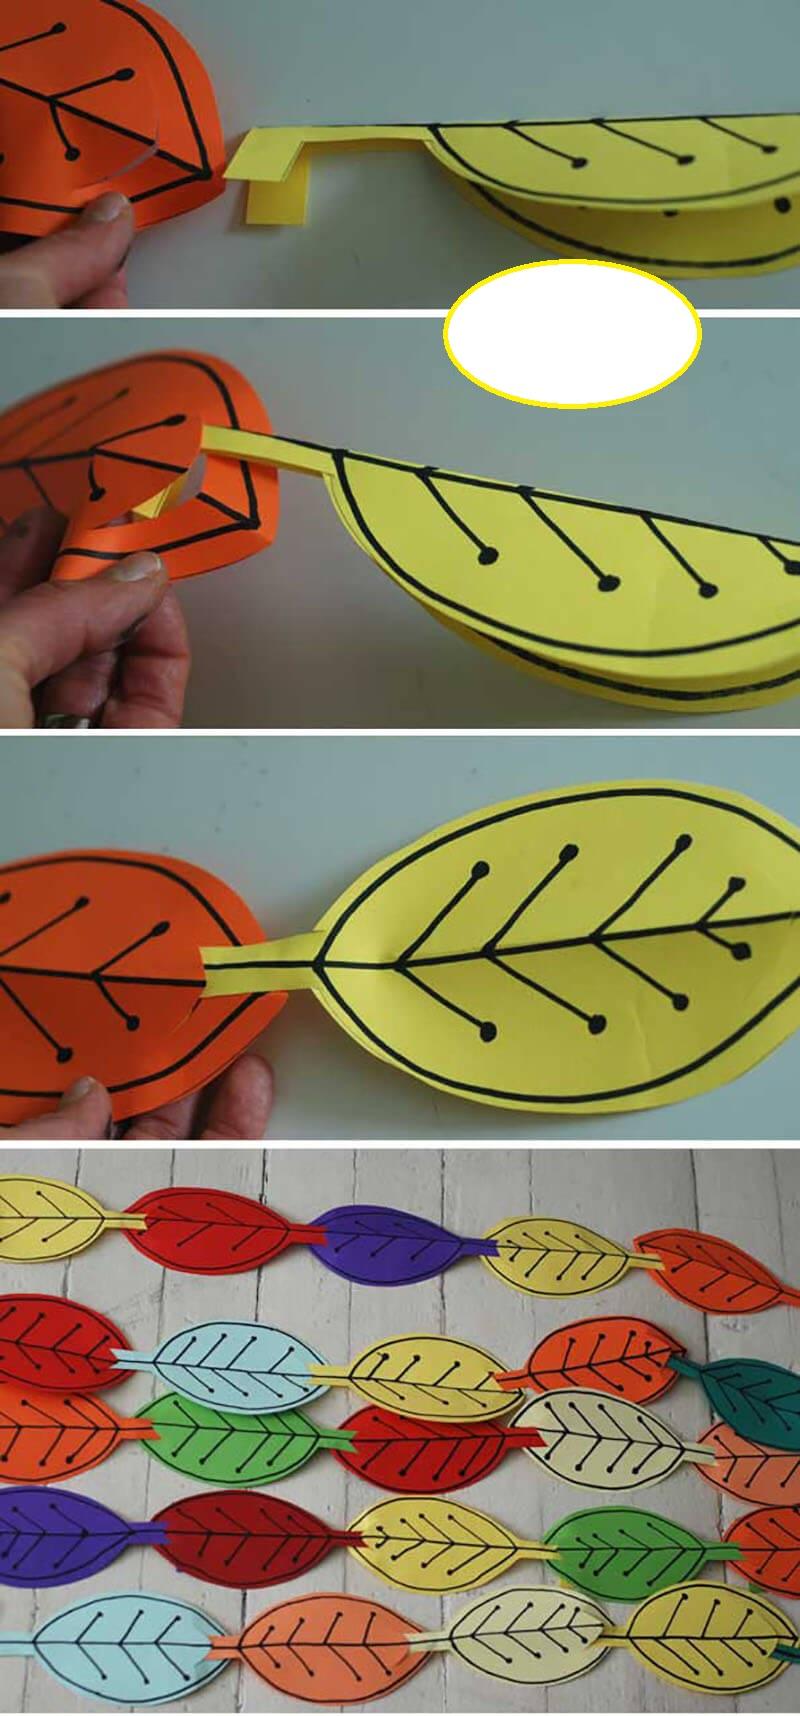 4-34-1 Как сделать гирлянду из бумаги своими руками — схемы, шаблоны. Как сделать гирлянду из гофрированной бумаги. Гирлянды на день рождение, свадьбу, новый год в домашних условиях